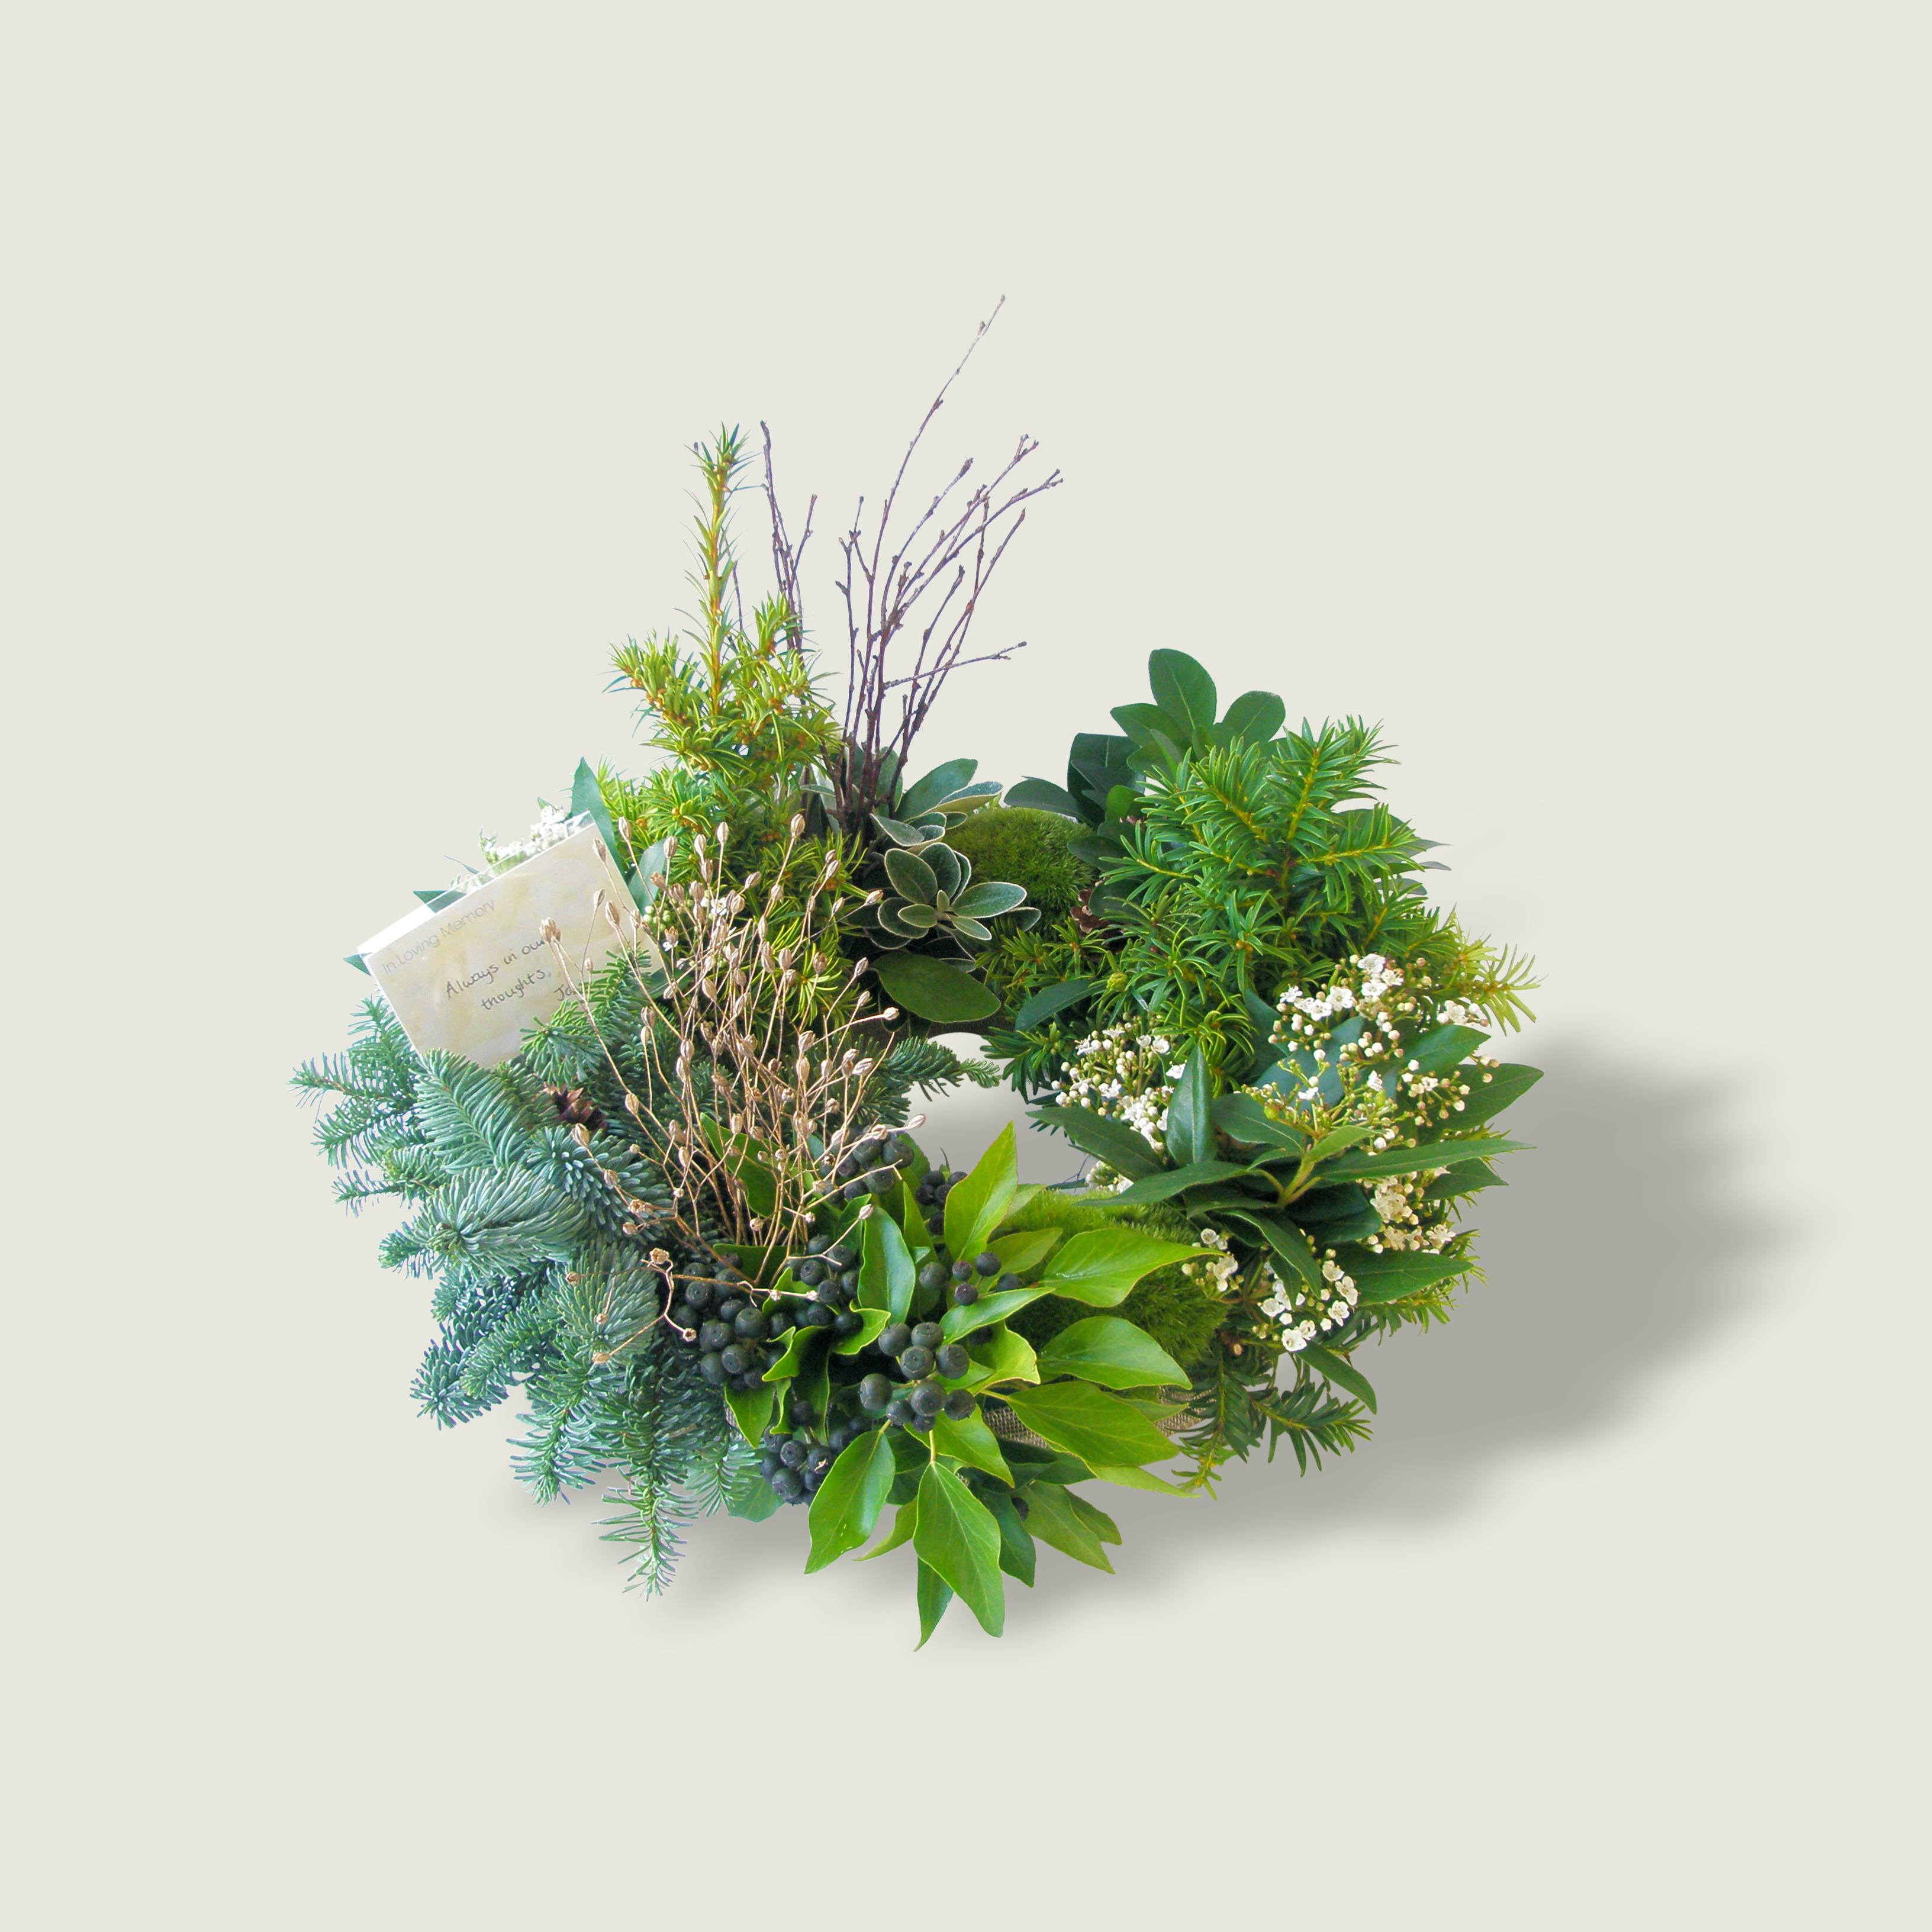 Vegetative_Wreath